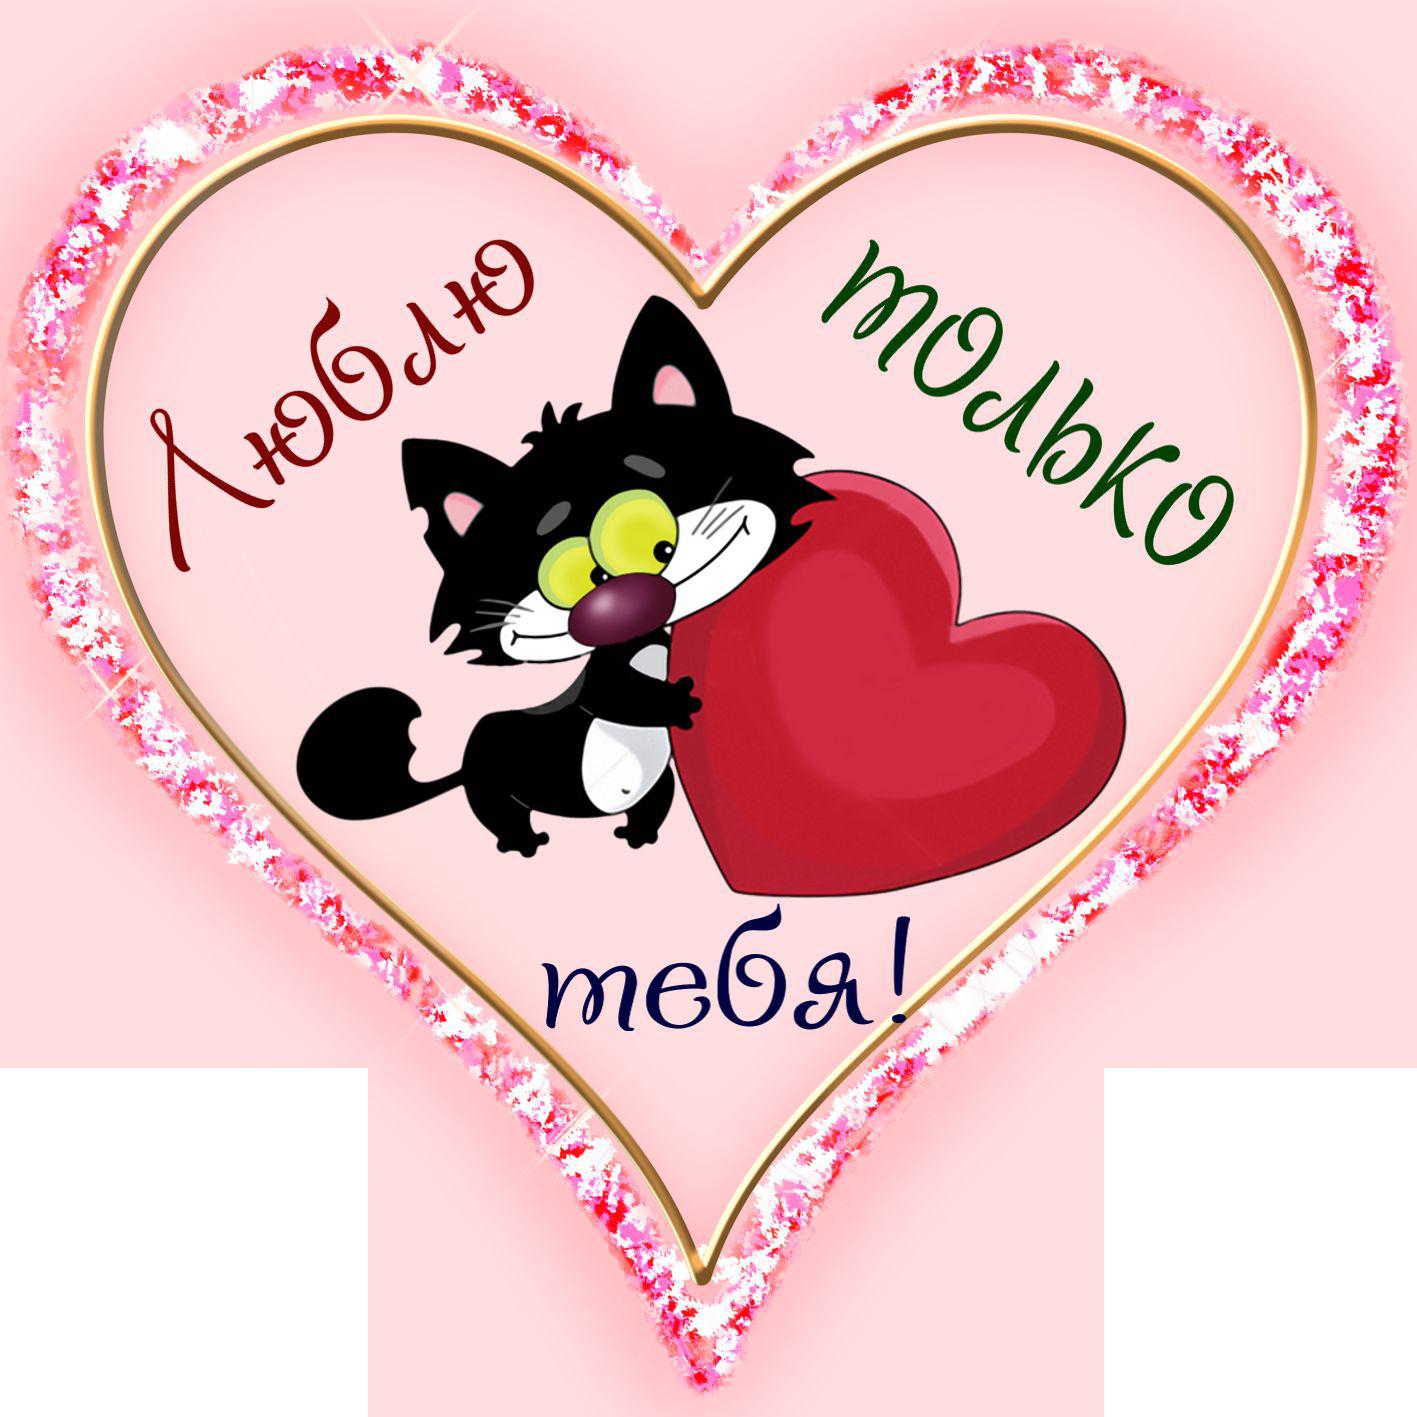 Валентинка - мультяшный котик в обнимку с сердцем